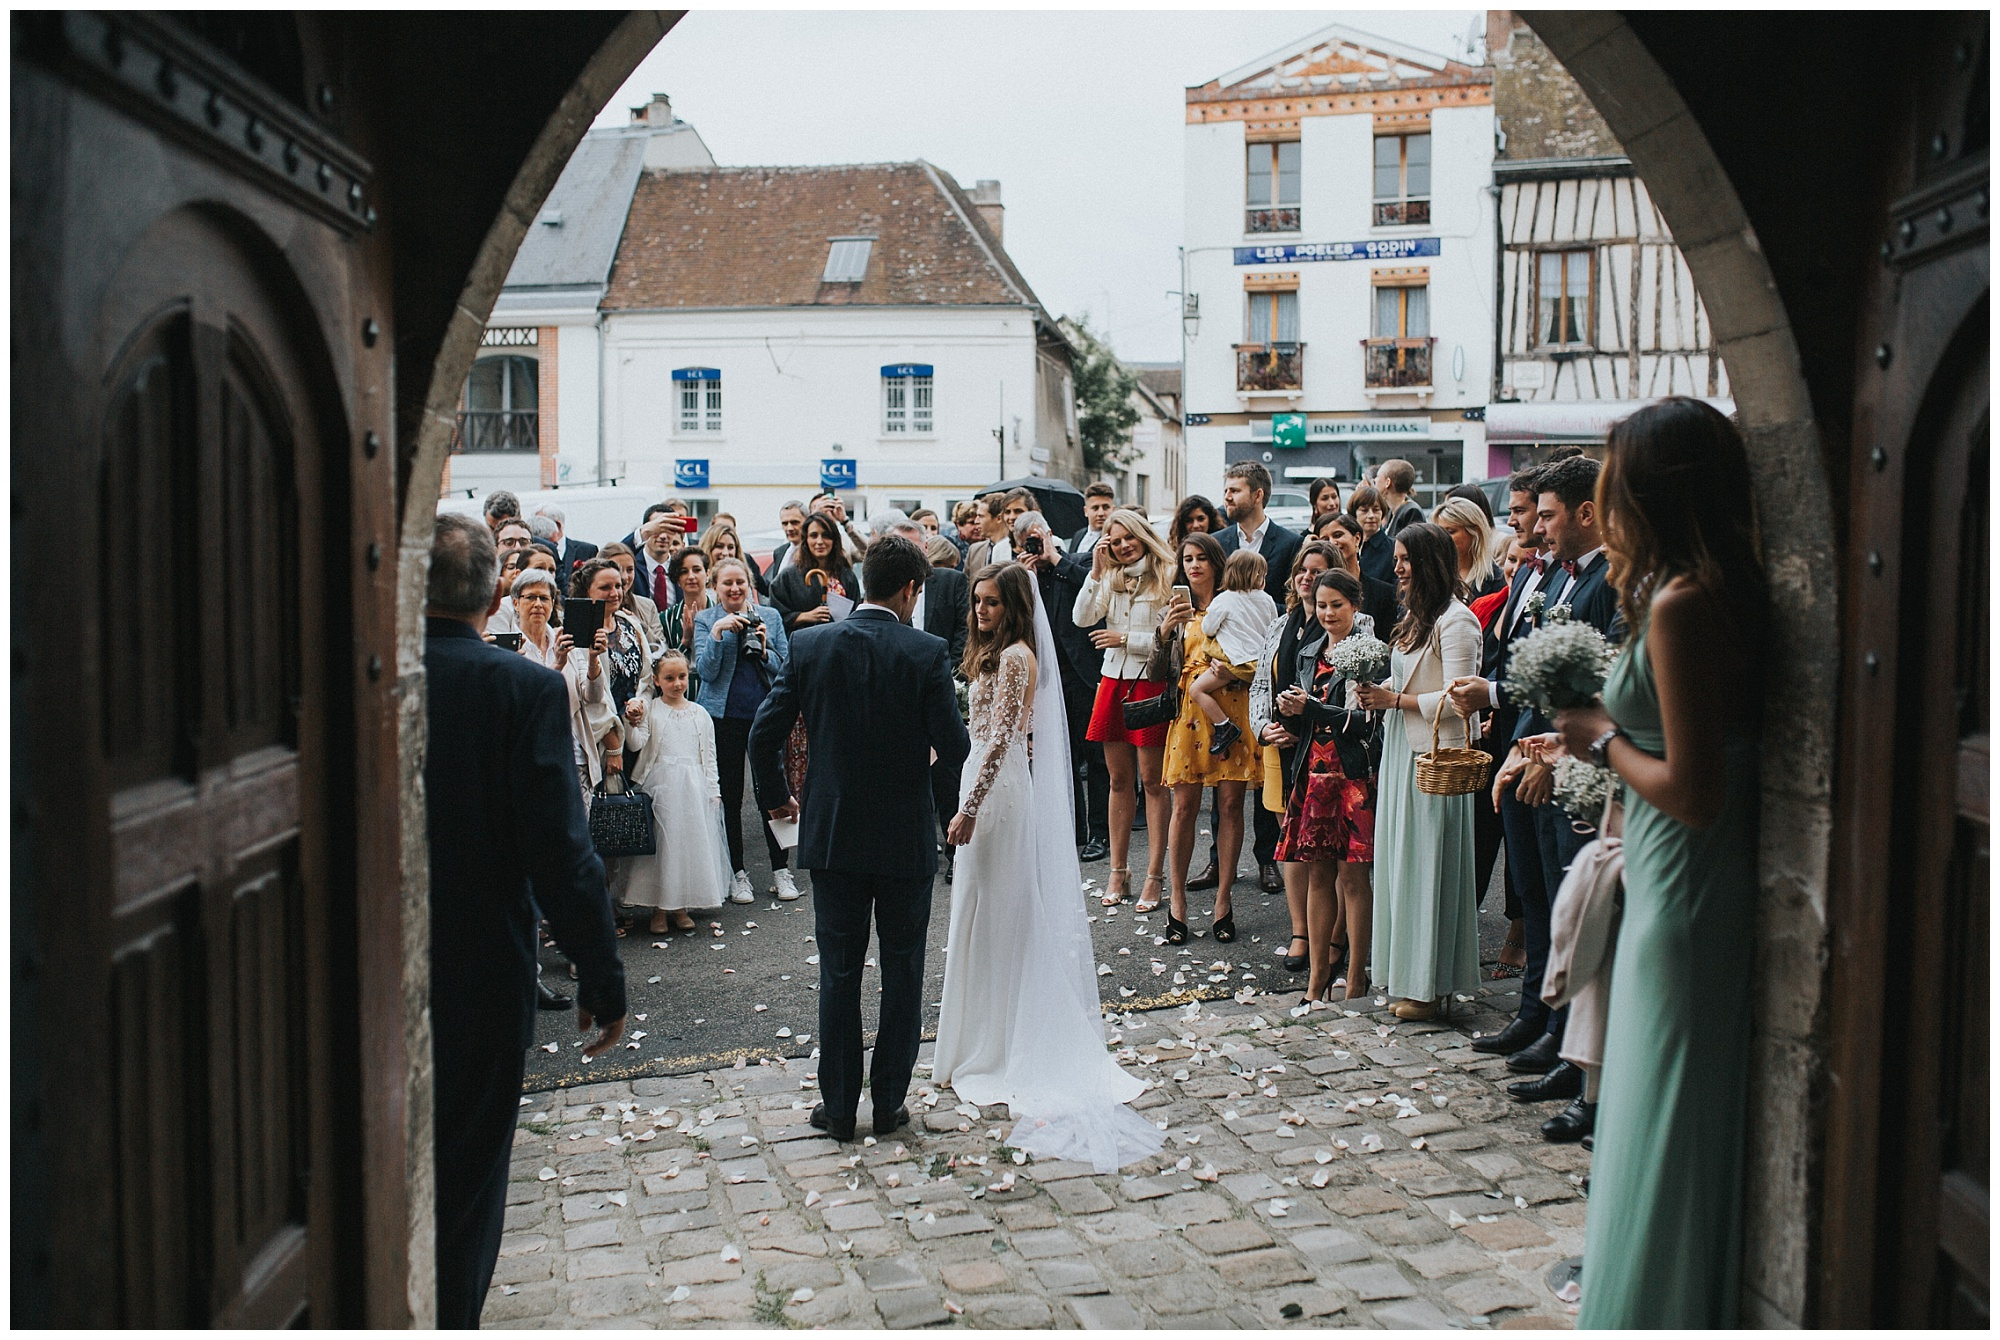 Kateryna-photos-photographer-rouen-domaine-des-evis-mariage-normandie-celebration-sortie-eglise-joie-bisous